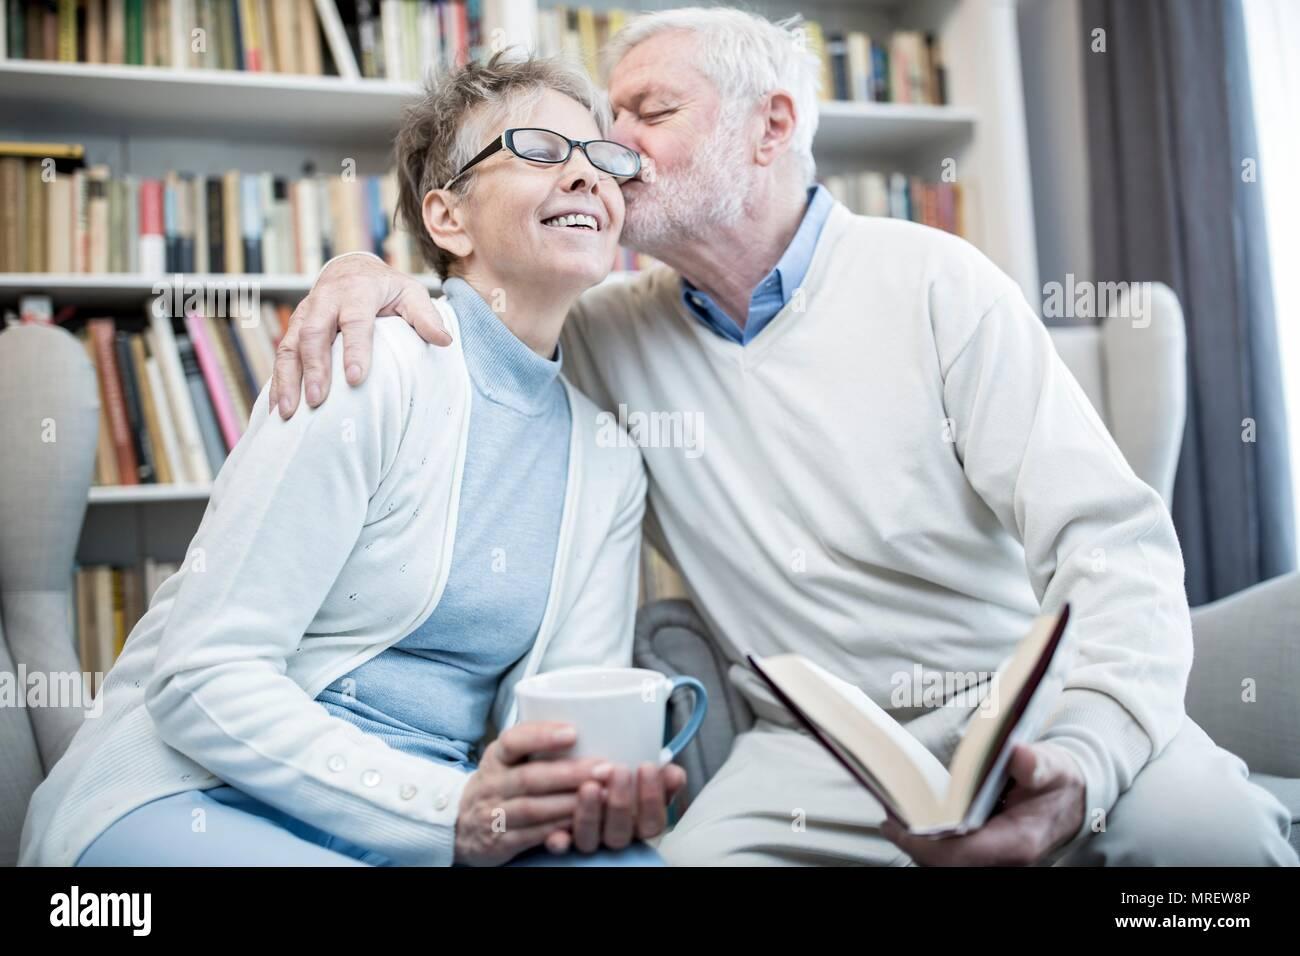 Man kissing woman on joue avec les bras autour d'elle. Photo Stock